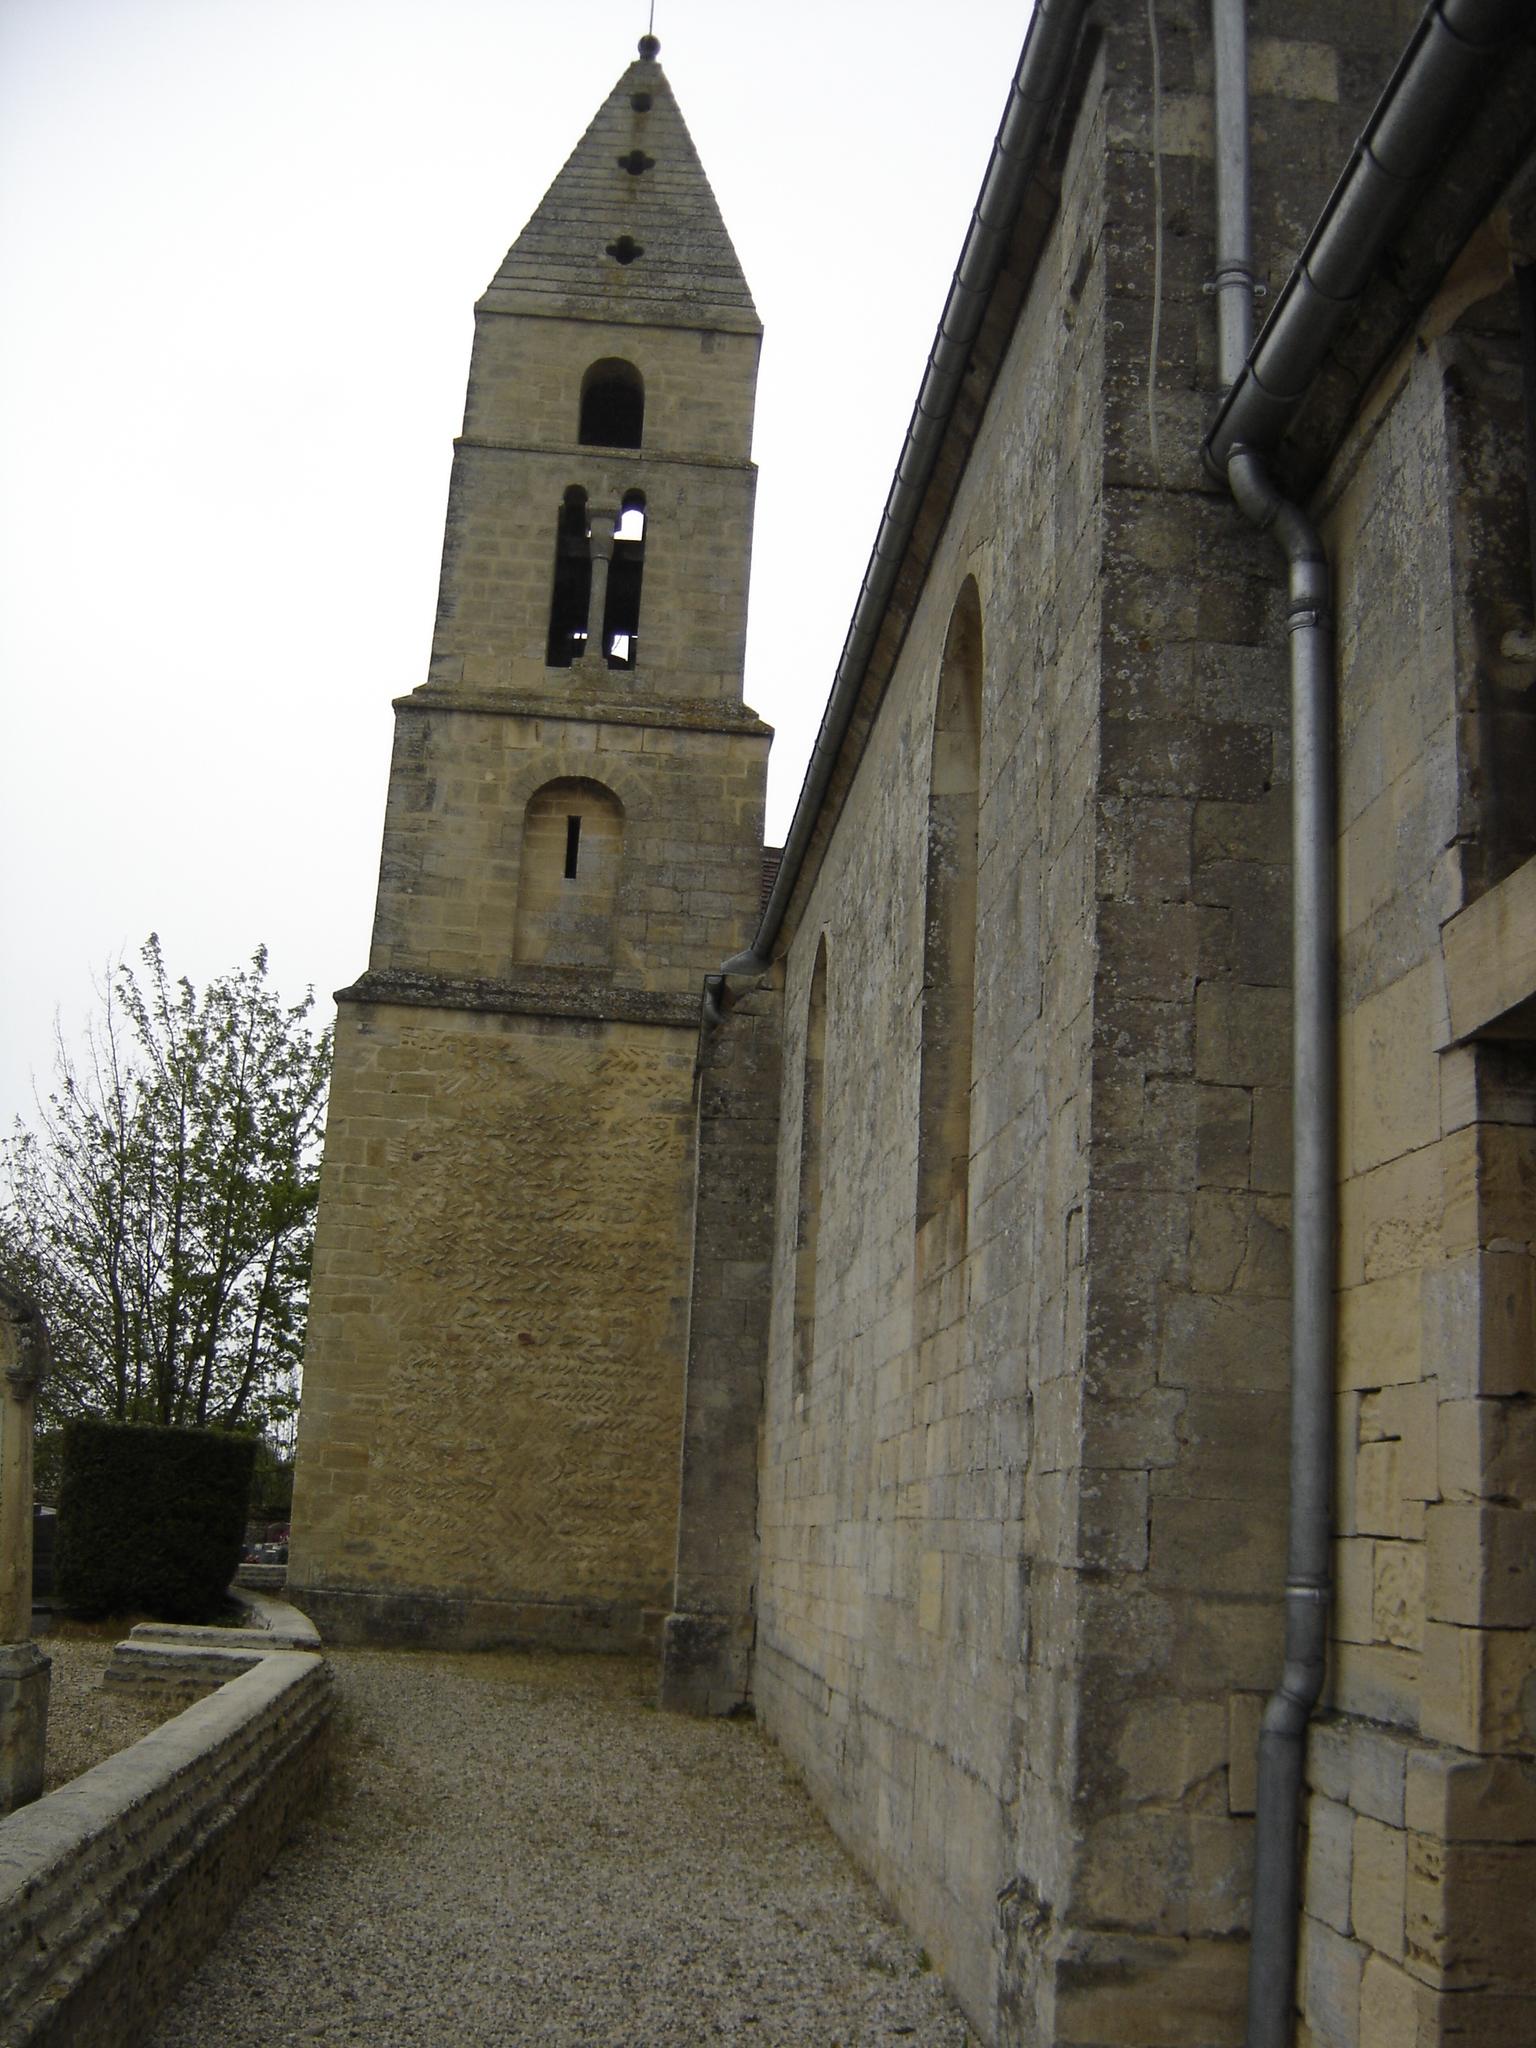 Narbonne Version 3 1: File:Clocher De L'église Saint- Martin à Anguerny.JPG